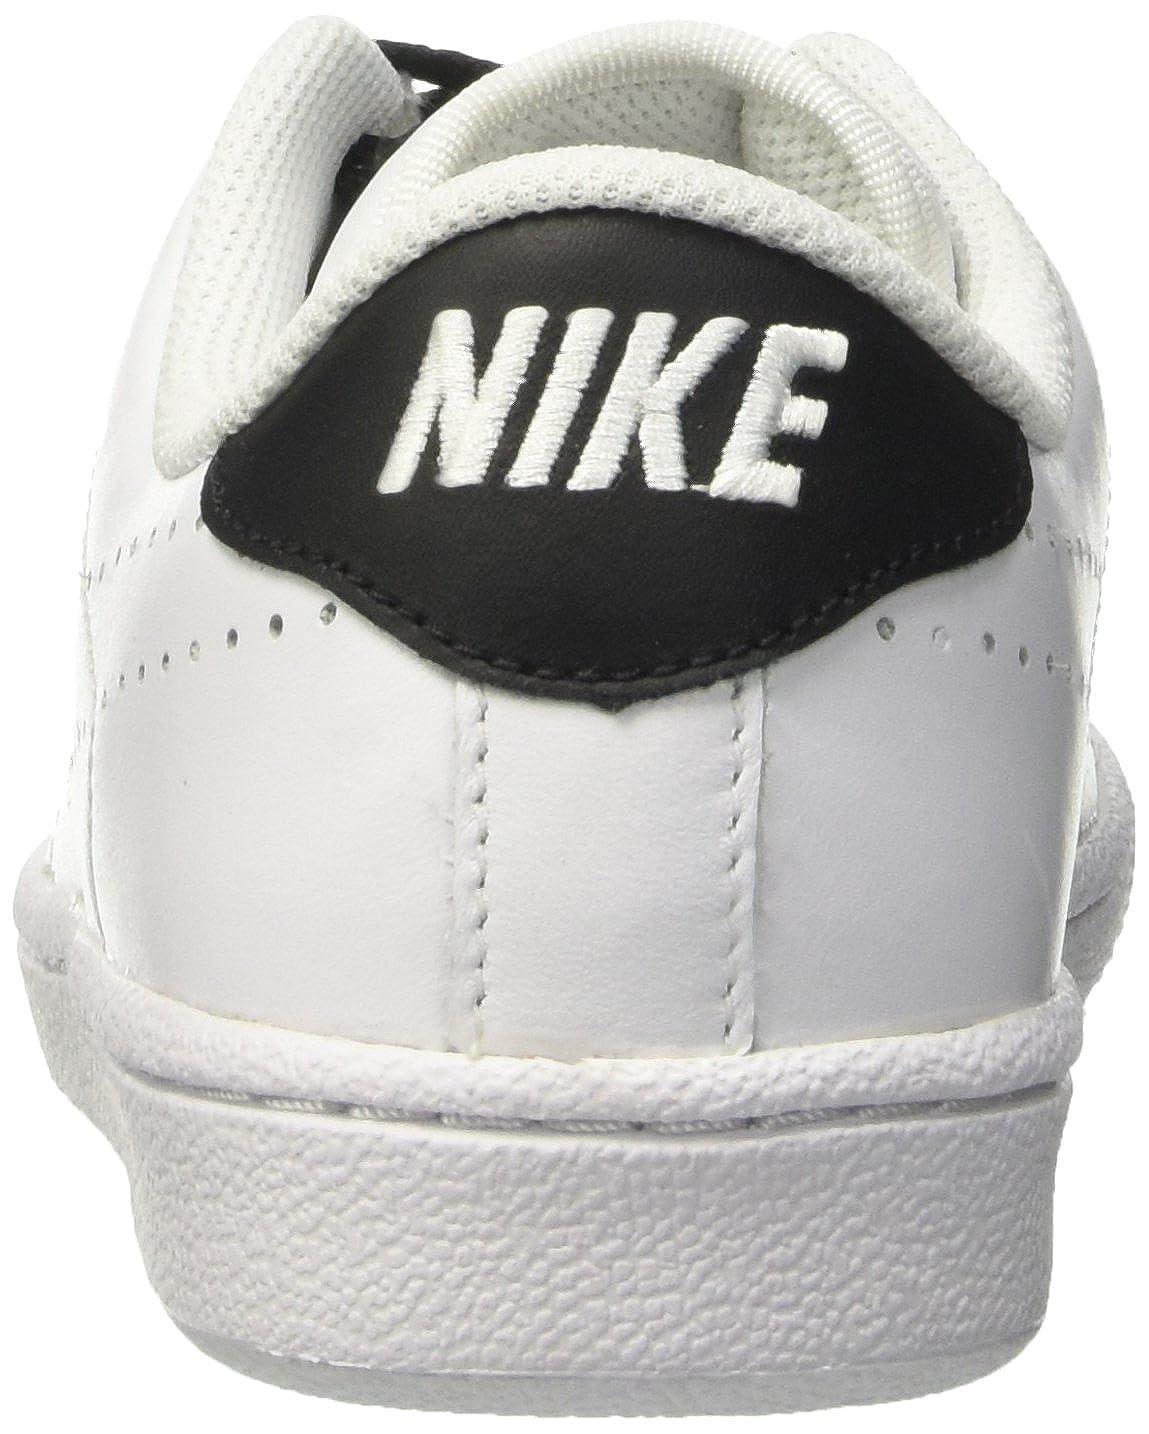 Jungen Tennis Jungen Jungen Tennis Classic PrmgsGymnastikschuhe Nike PrmgsGymnastikschuhe Nike Nike Tennis Classic Classic XPkiOZuT